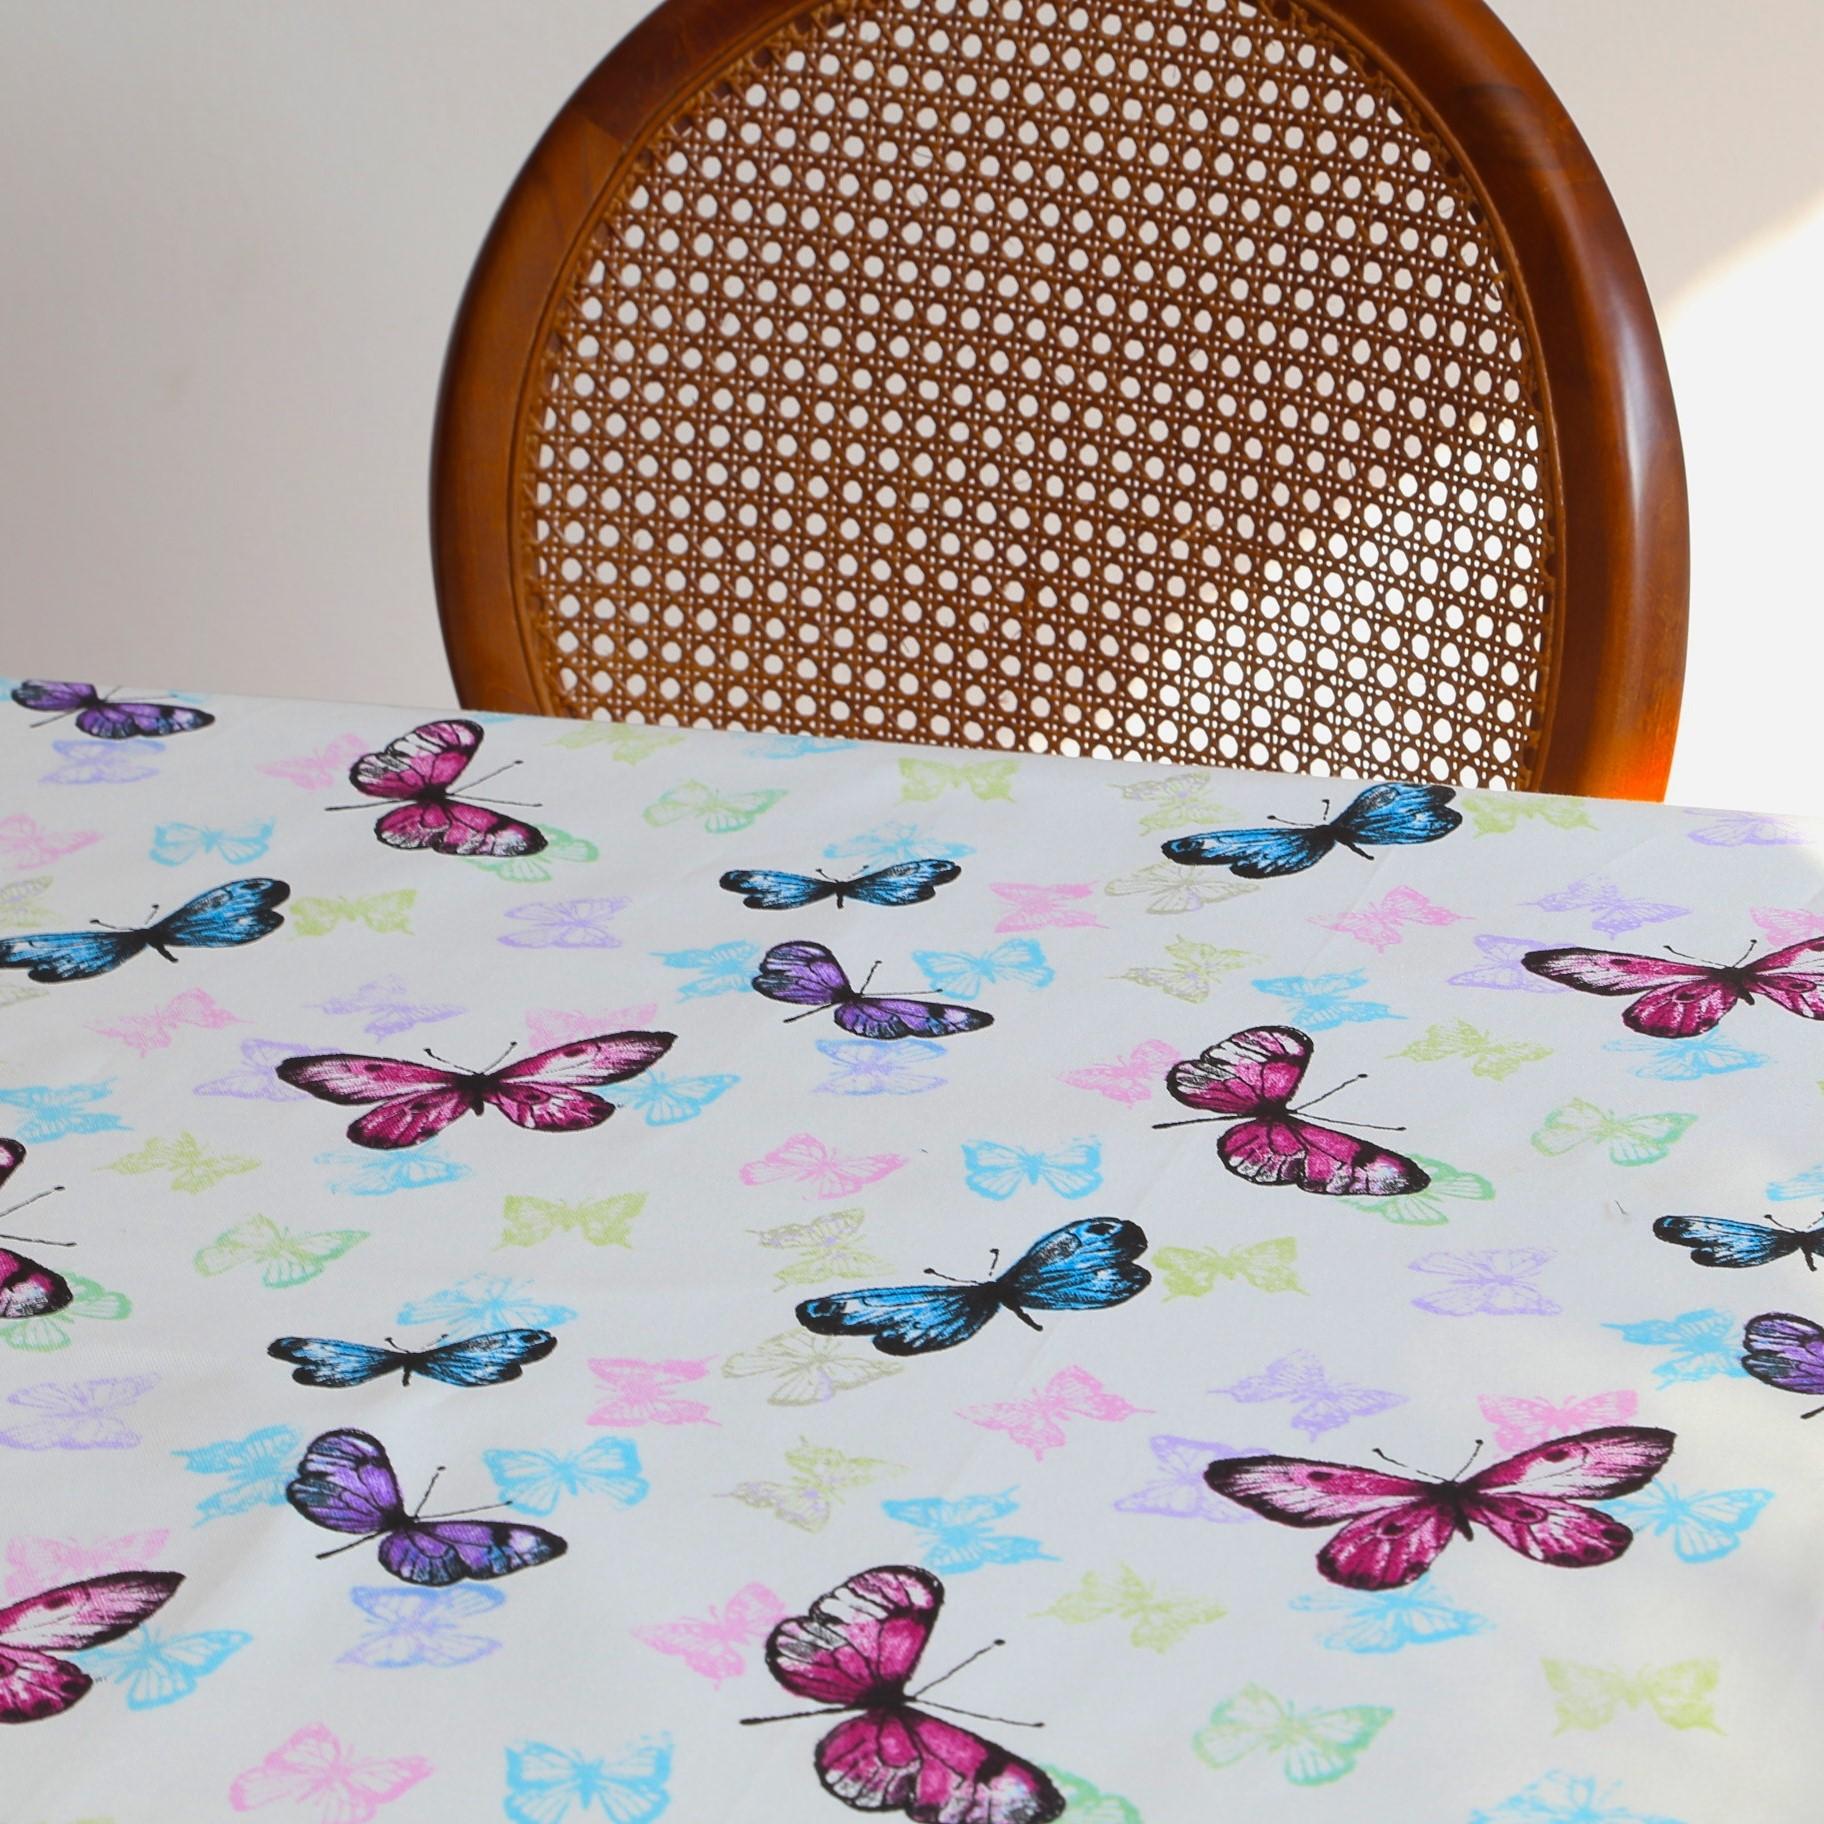 Mantel MARIPOSAS Rectangular 1,8x2,7m [porconfeccionar] [listoen5·7días]